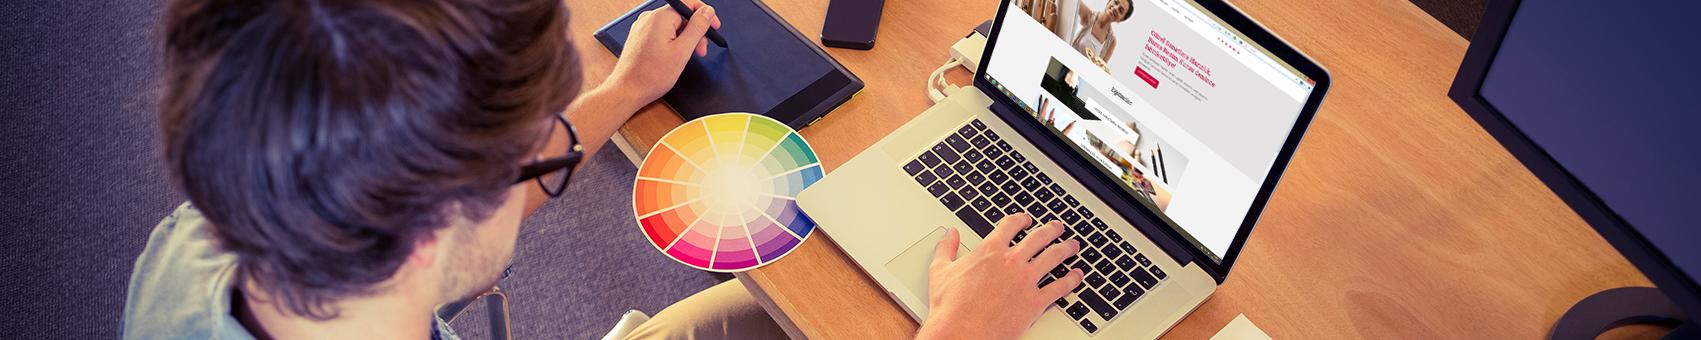 egitimler-grafik-tasarim-kursu-bursa